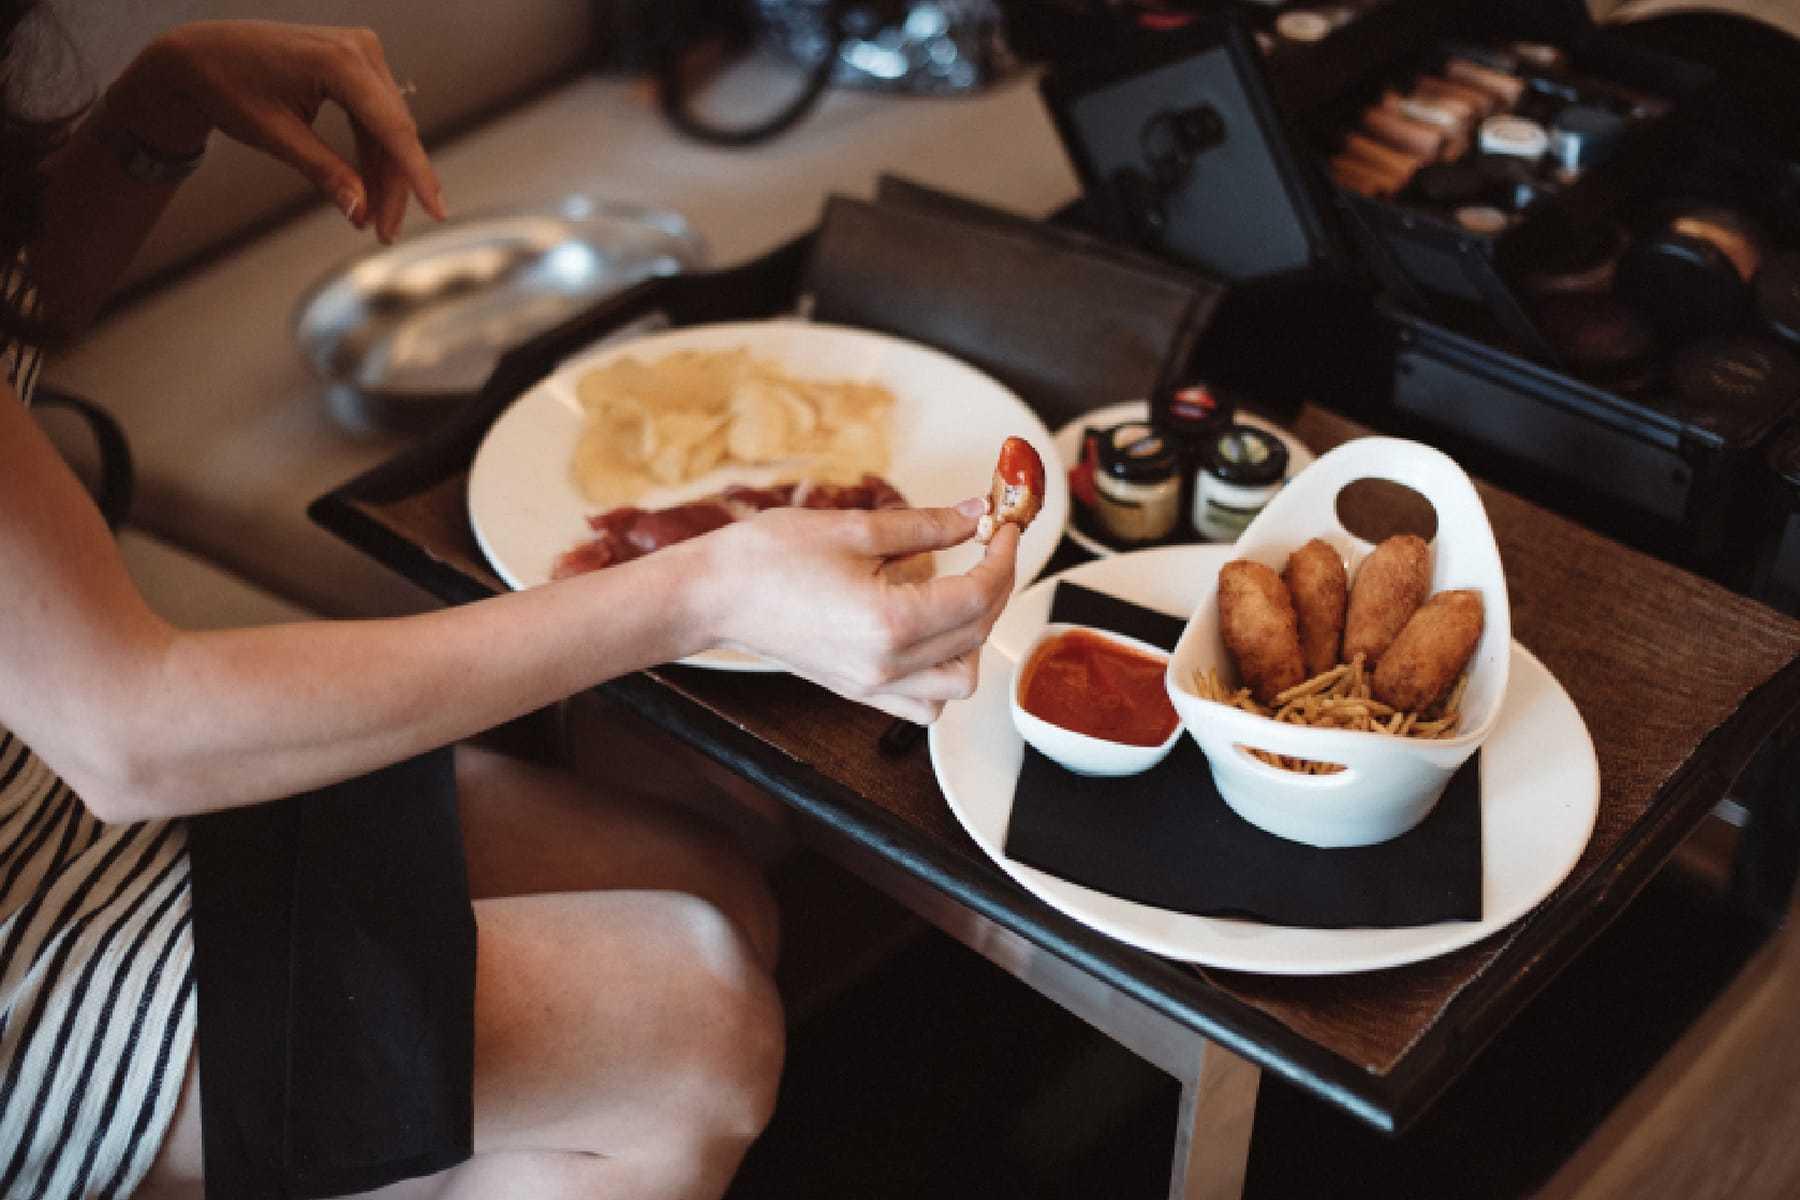 restaurante_la_ereta_hilario_sanchez_fotografo_boda_alicante_024